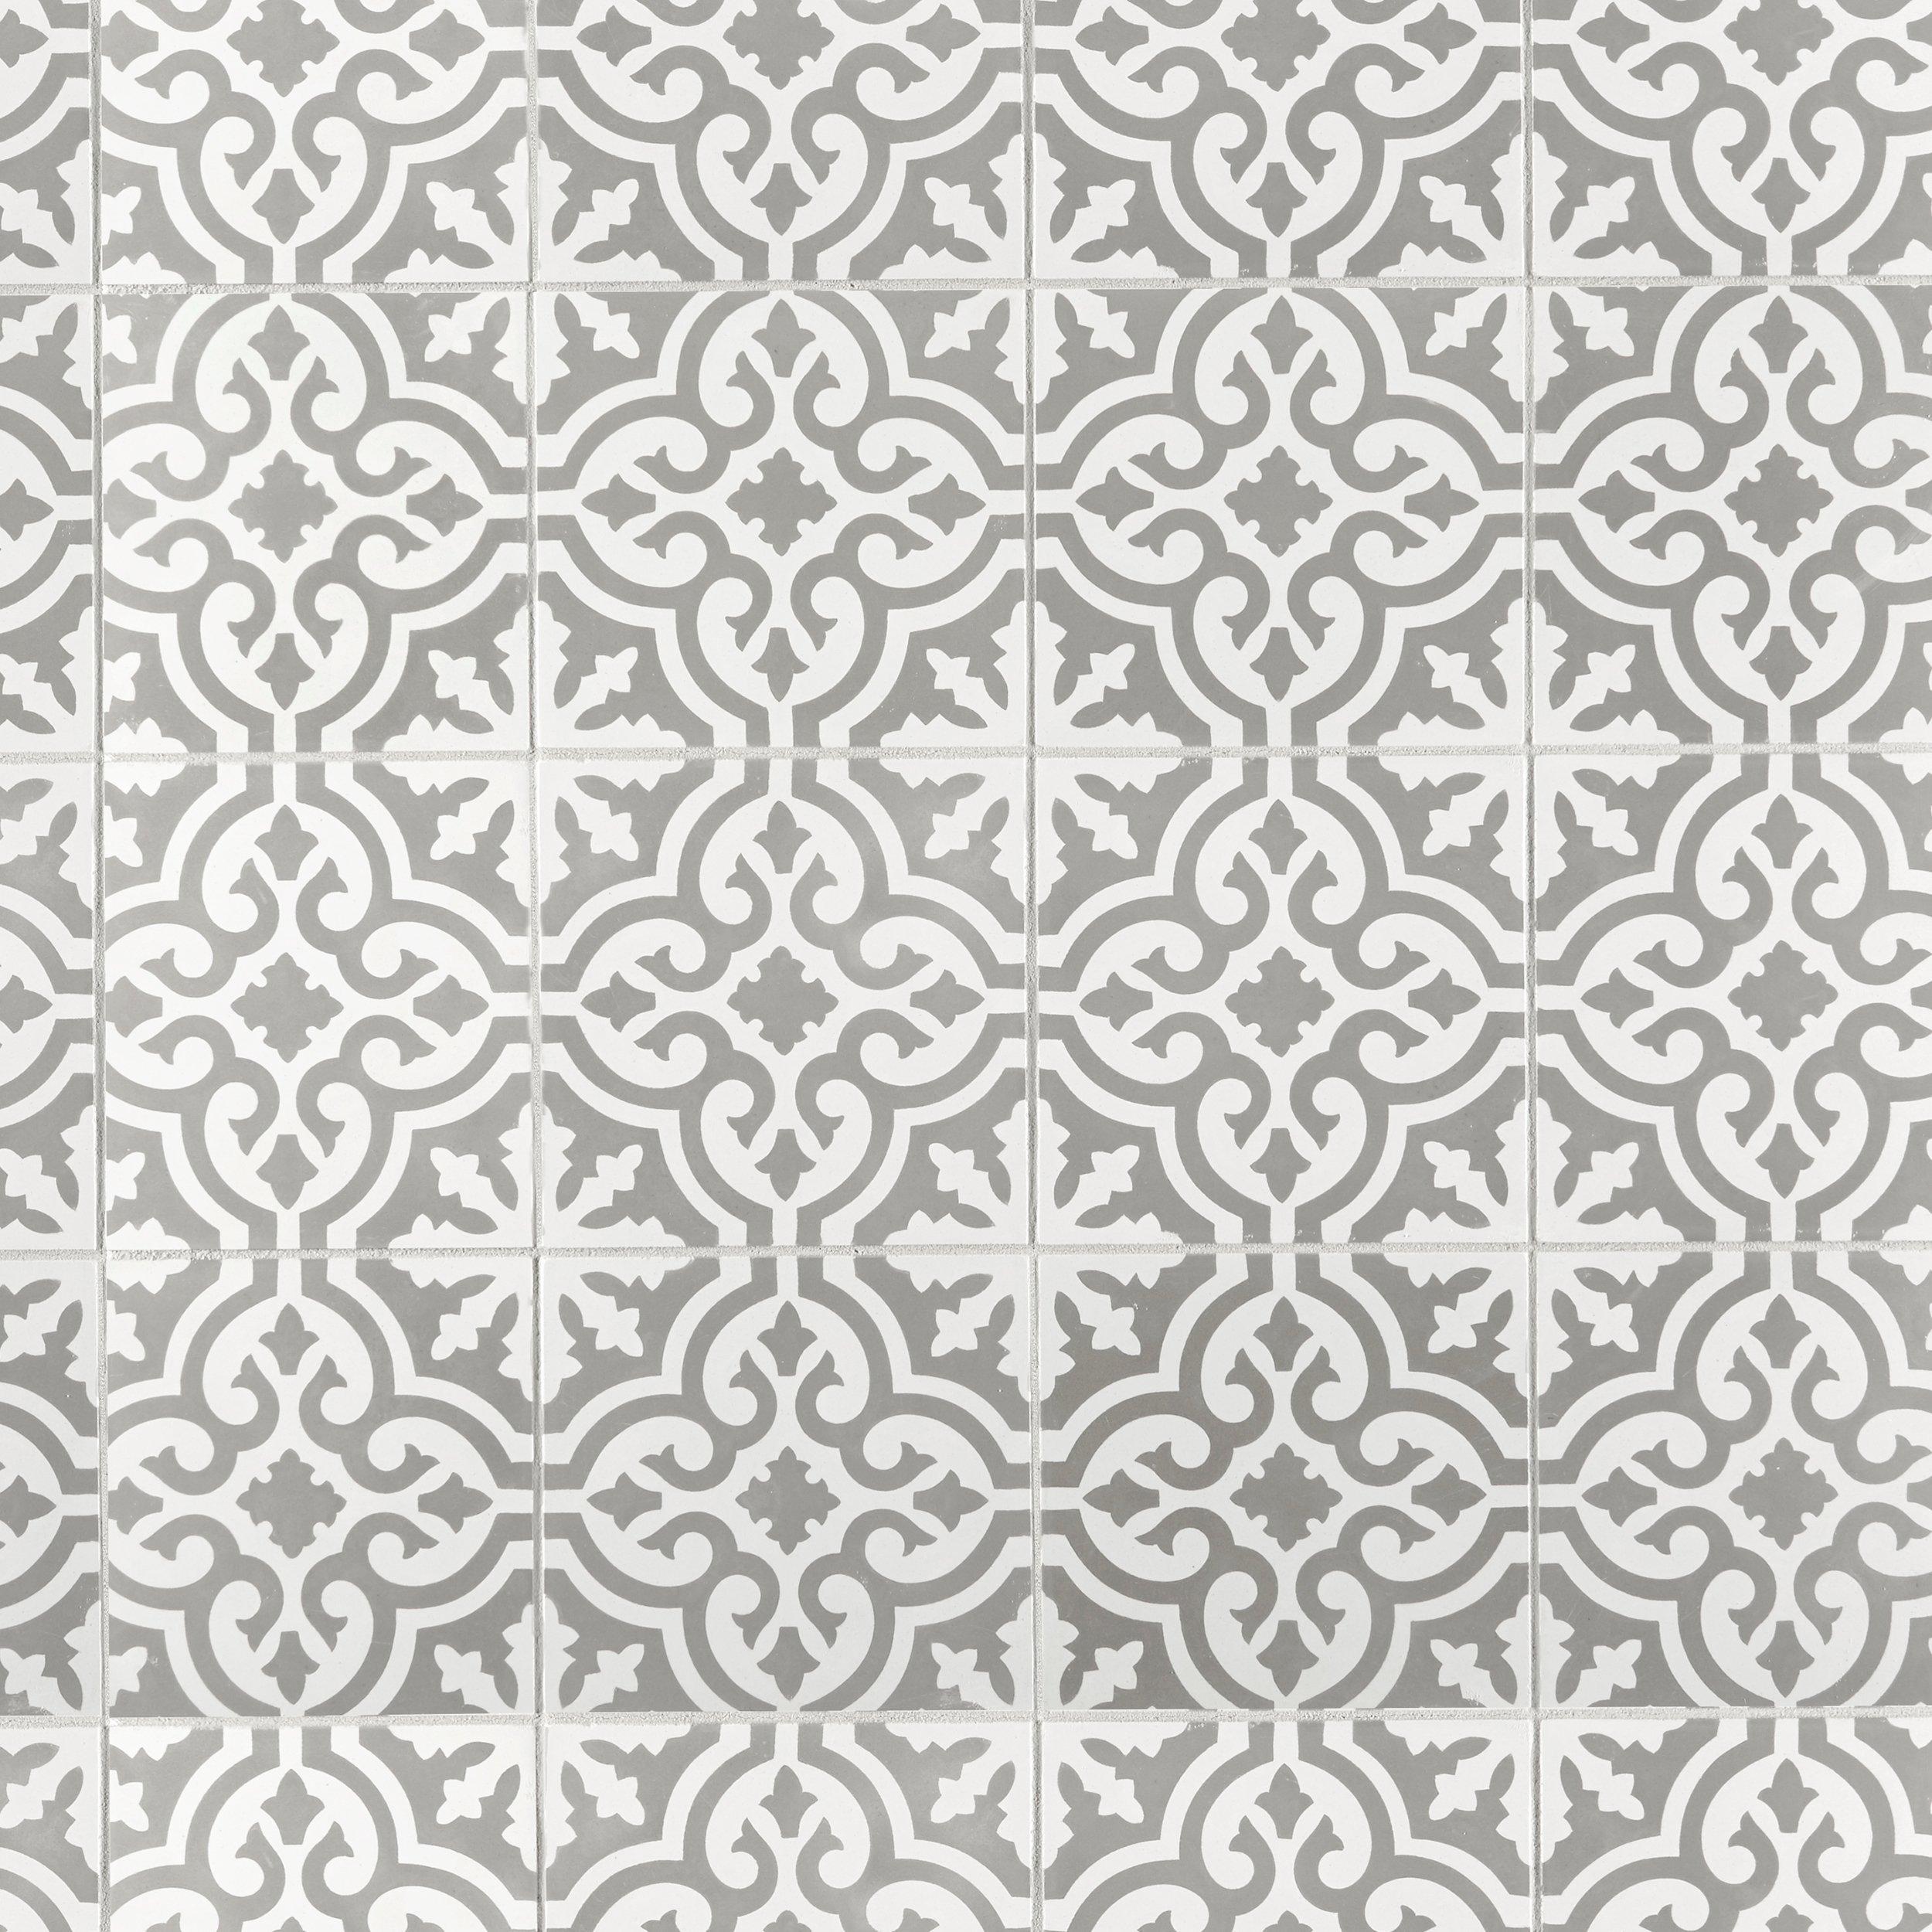 - What's New In Backsplash Tile? Floor & Decor